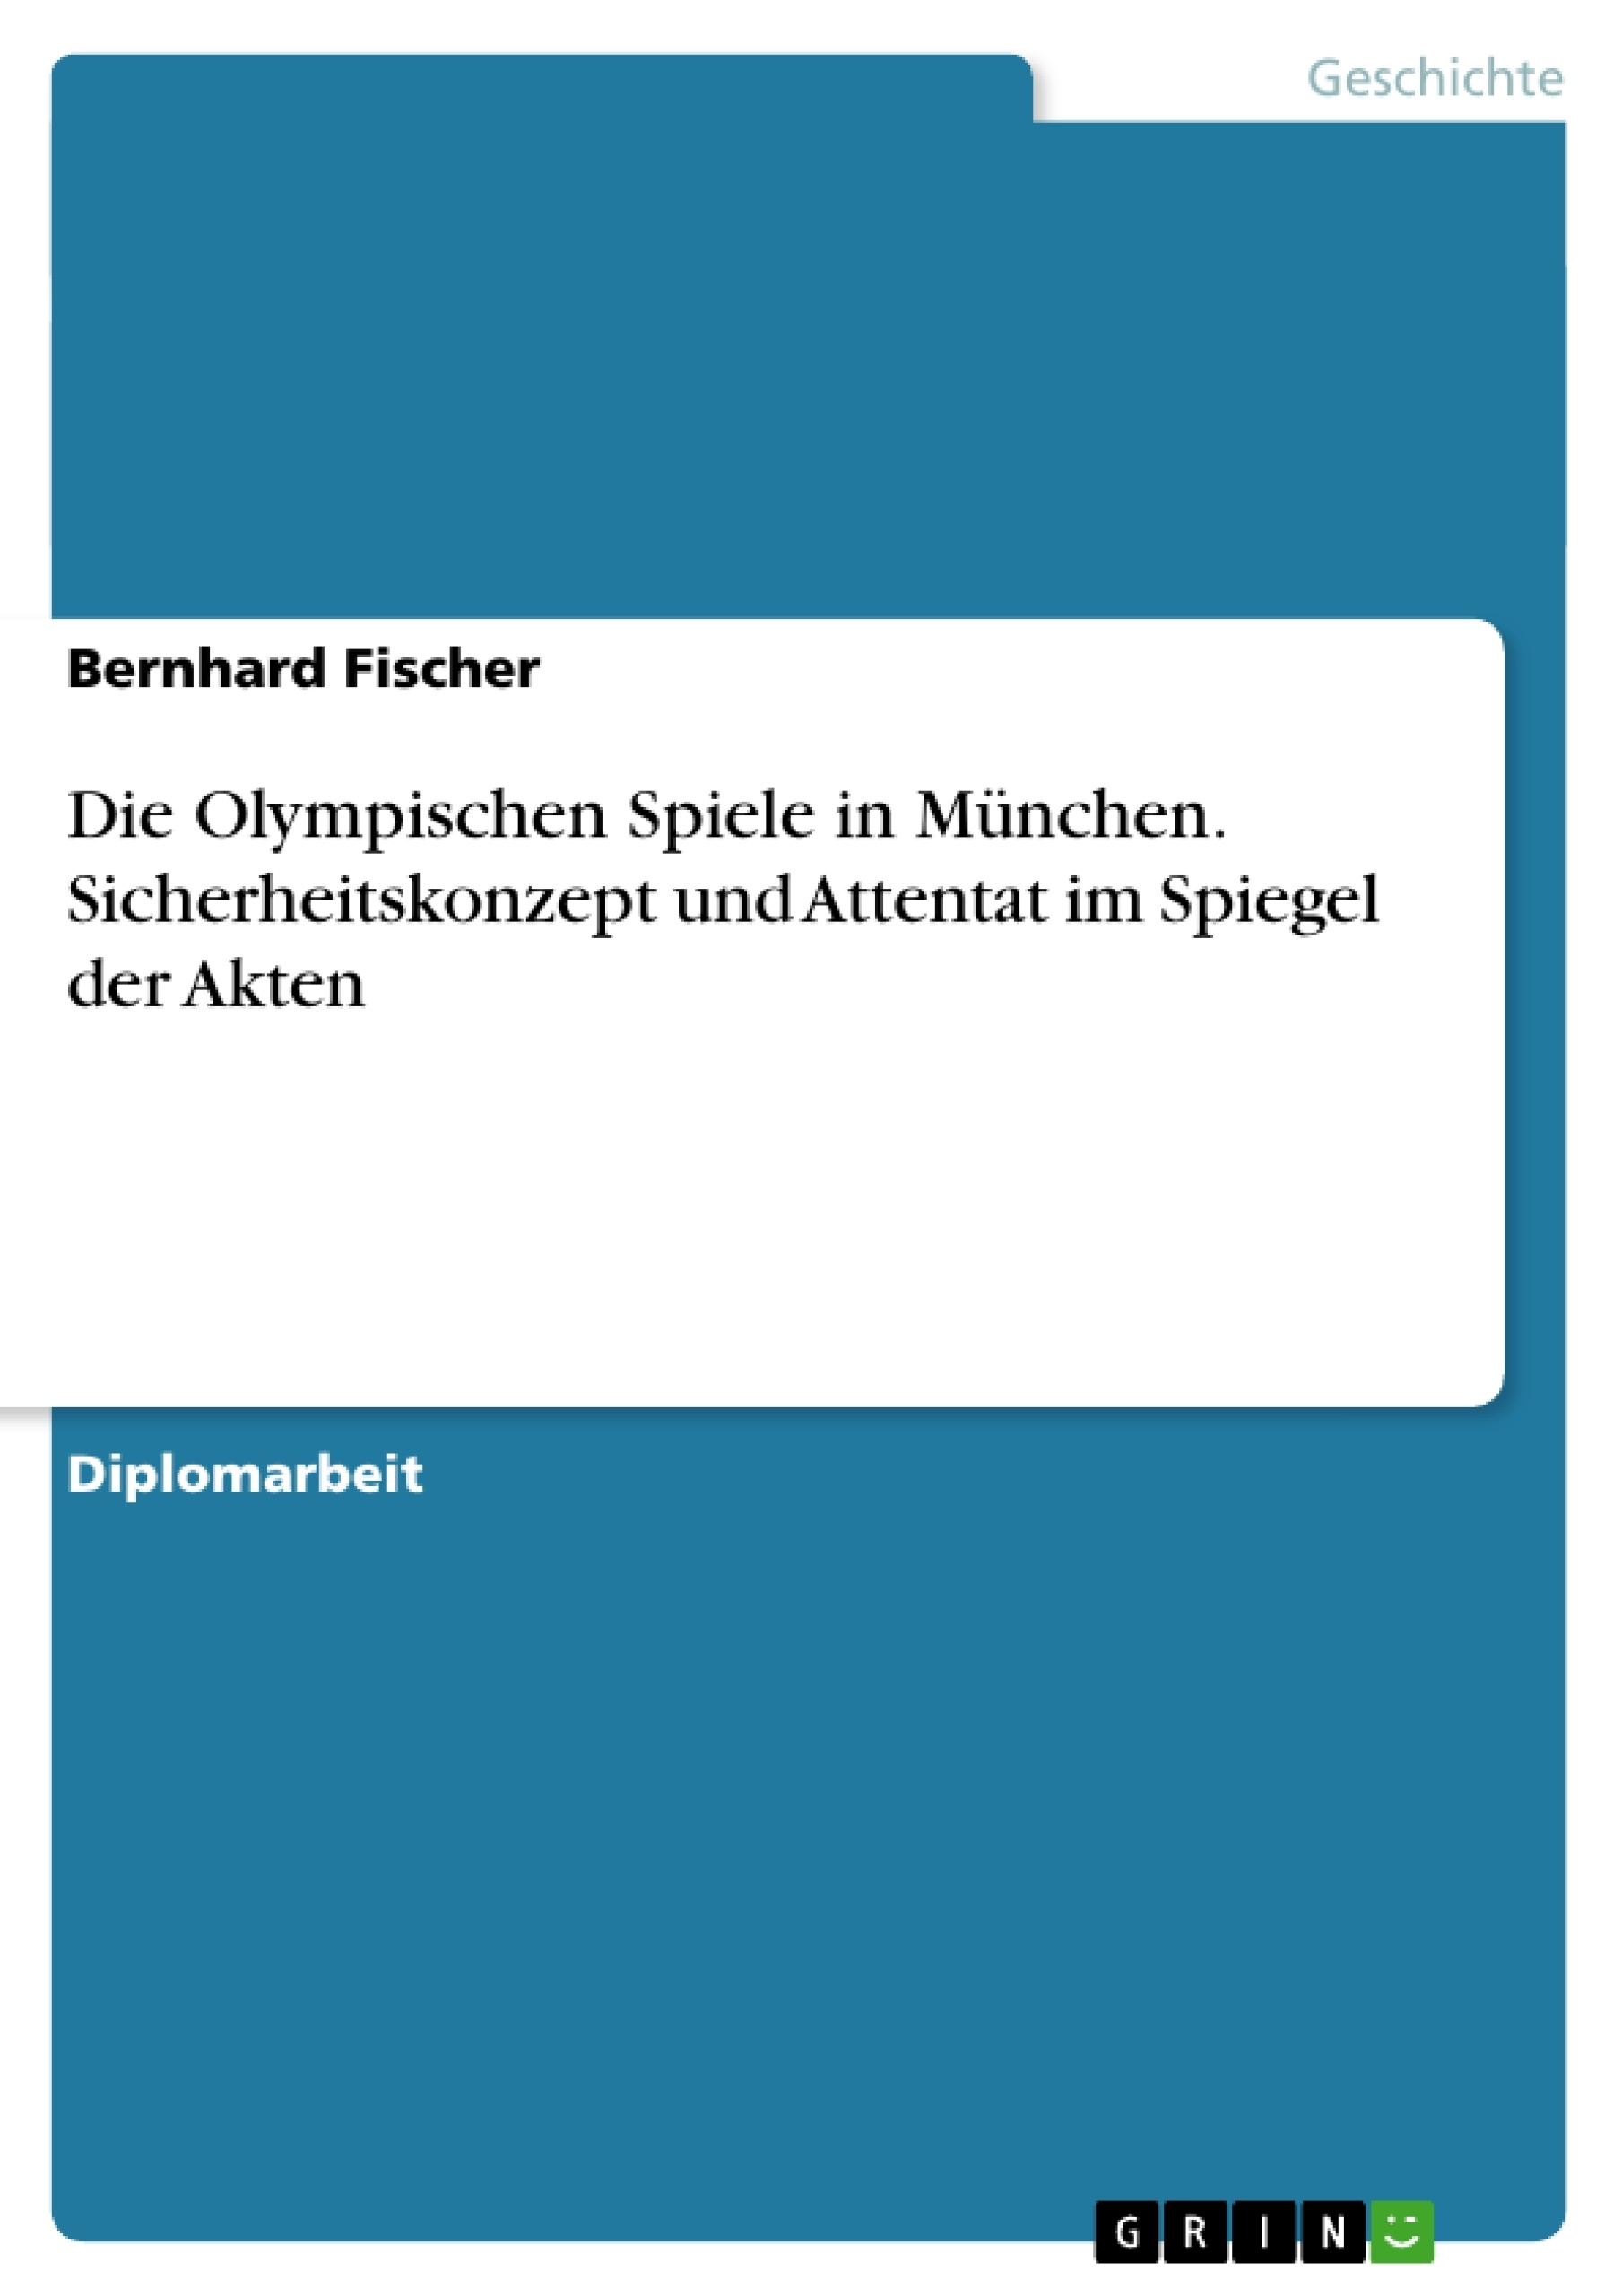 Titel: Die Olympischen Spiele in München. Sicherheitskonzept und Attentat im Spiegel der Akten